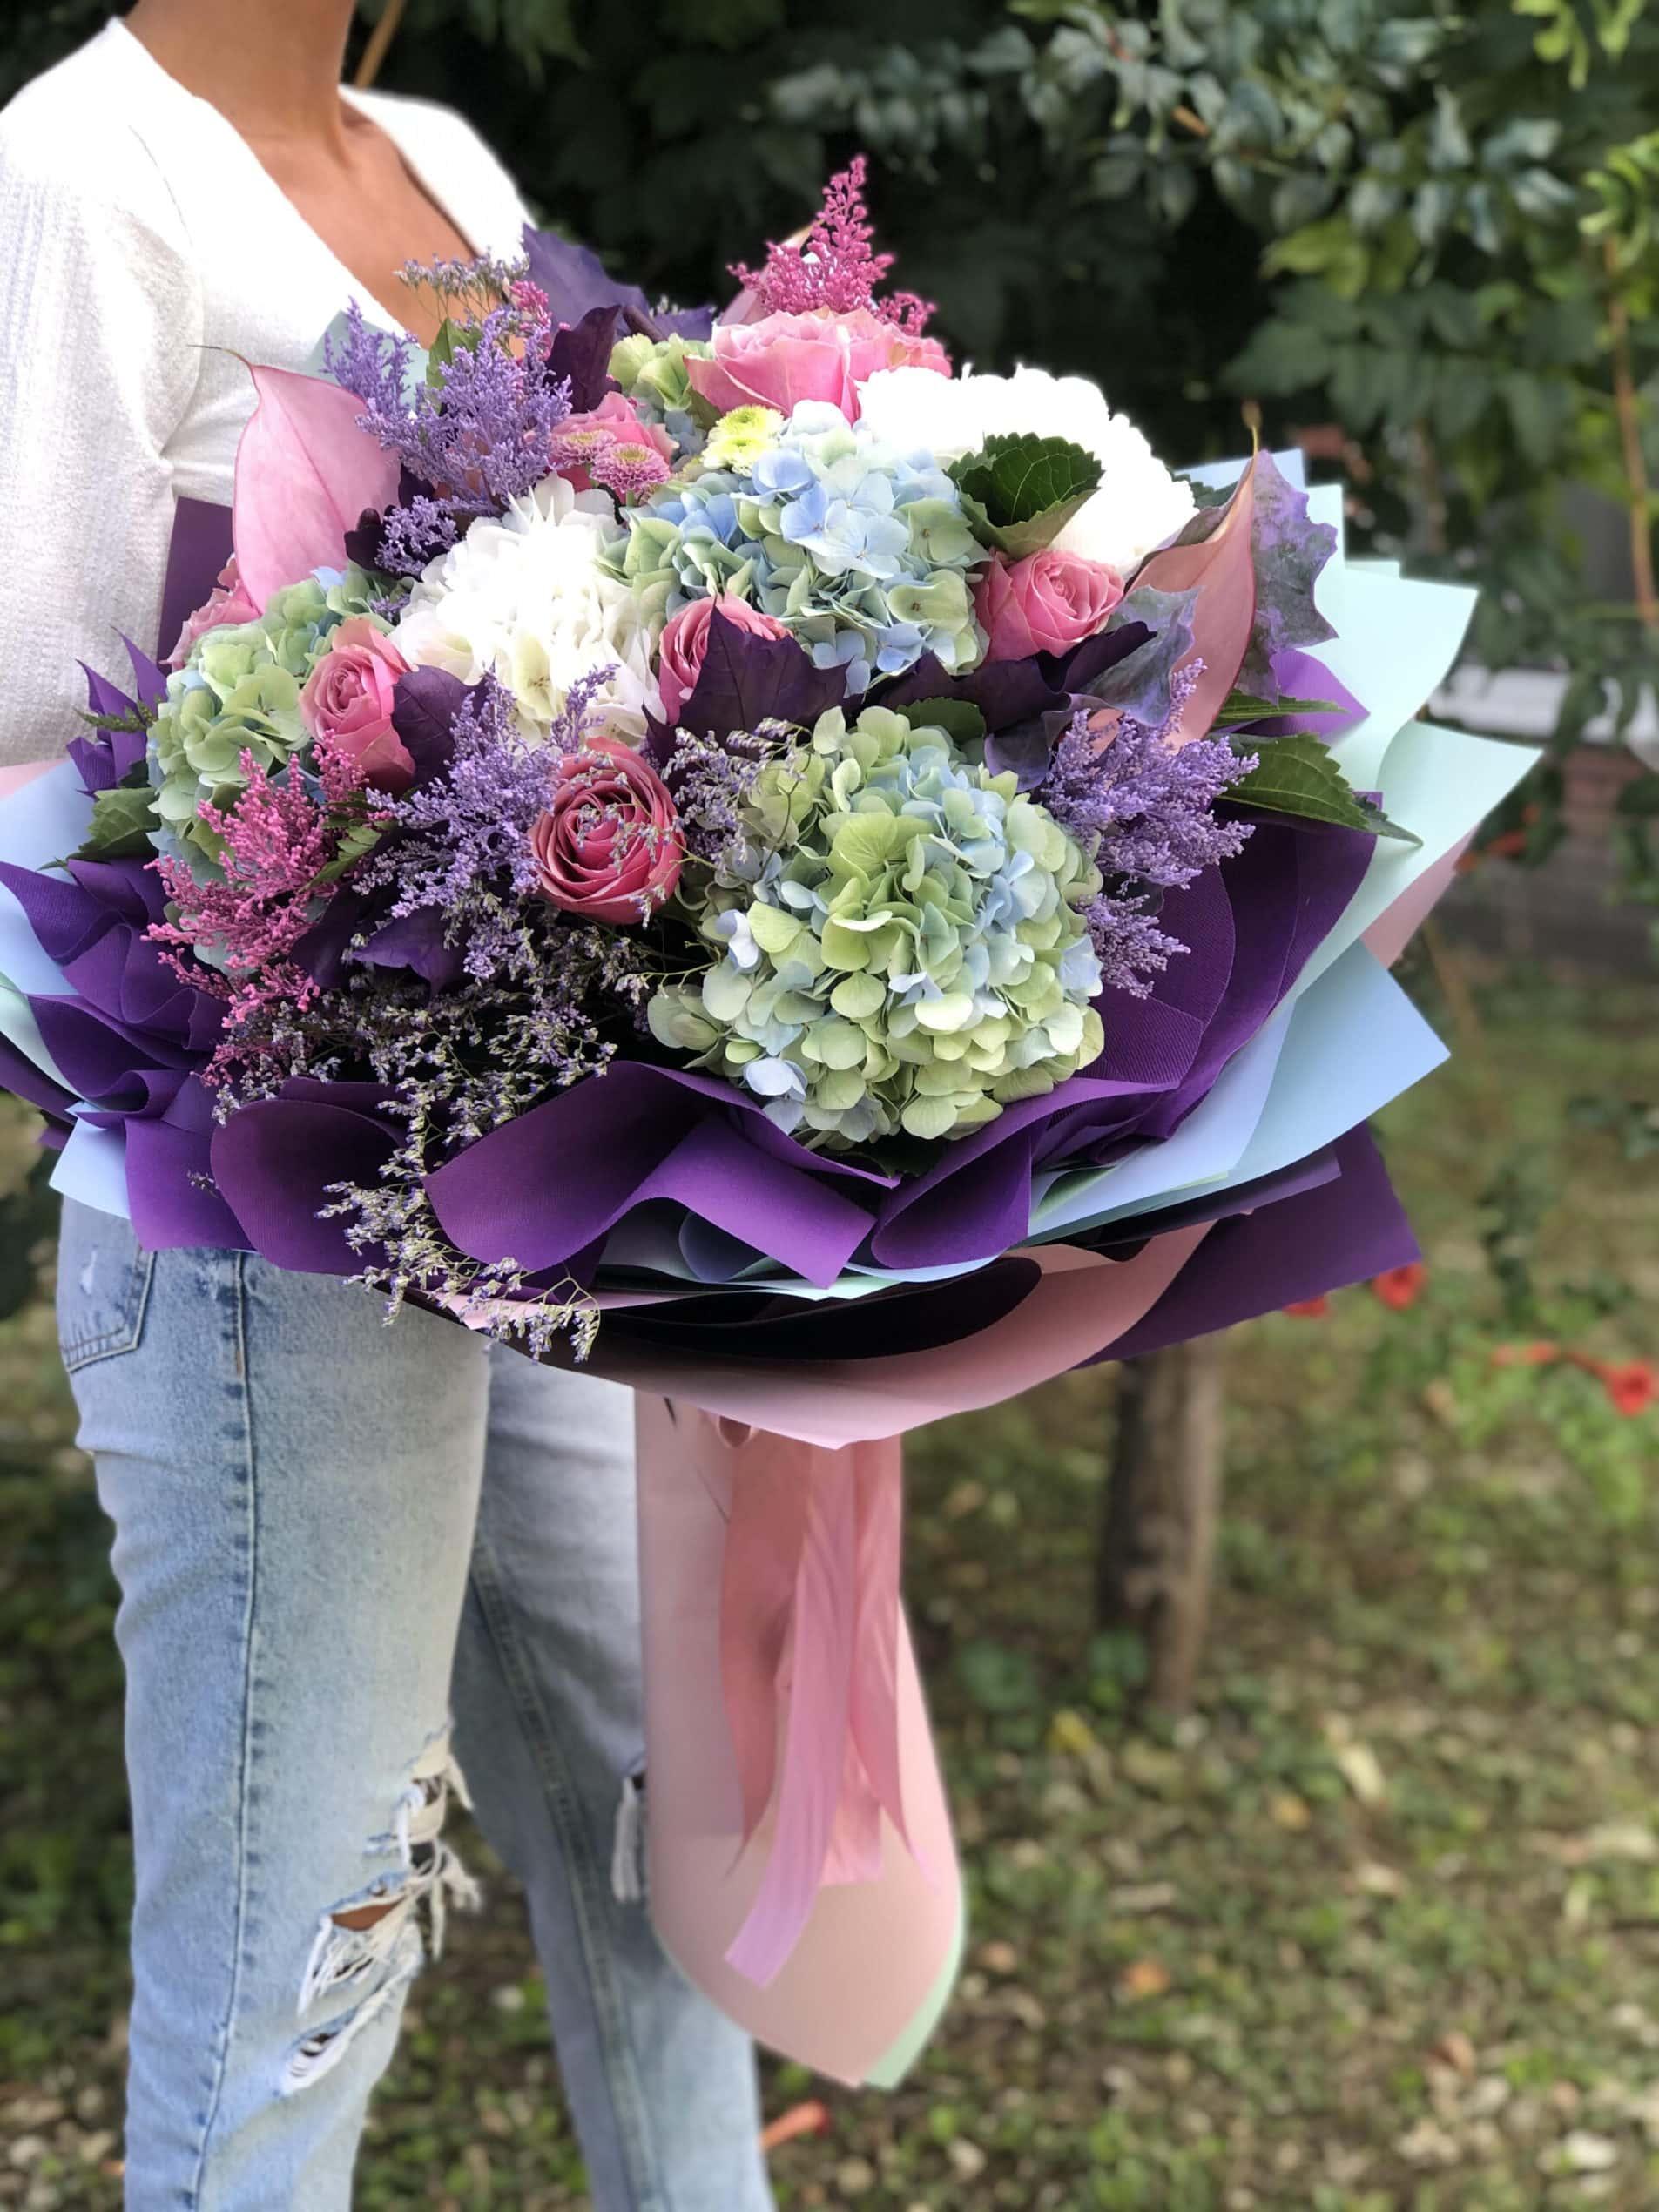 Cveće - šareno cveće u rozem i ljubičastom ukrasnom papiru. Buket